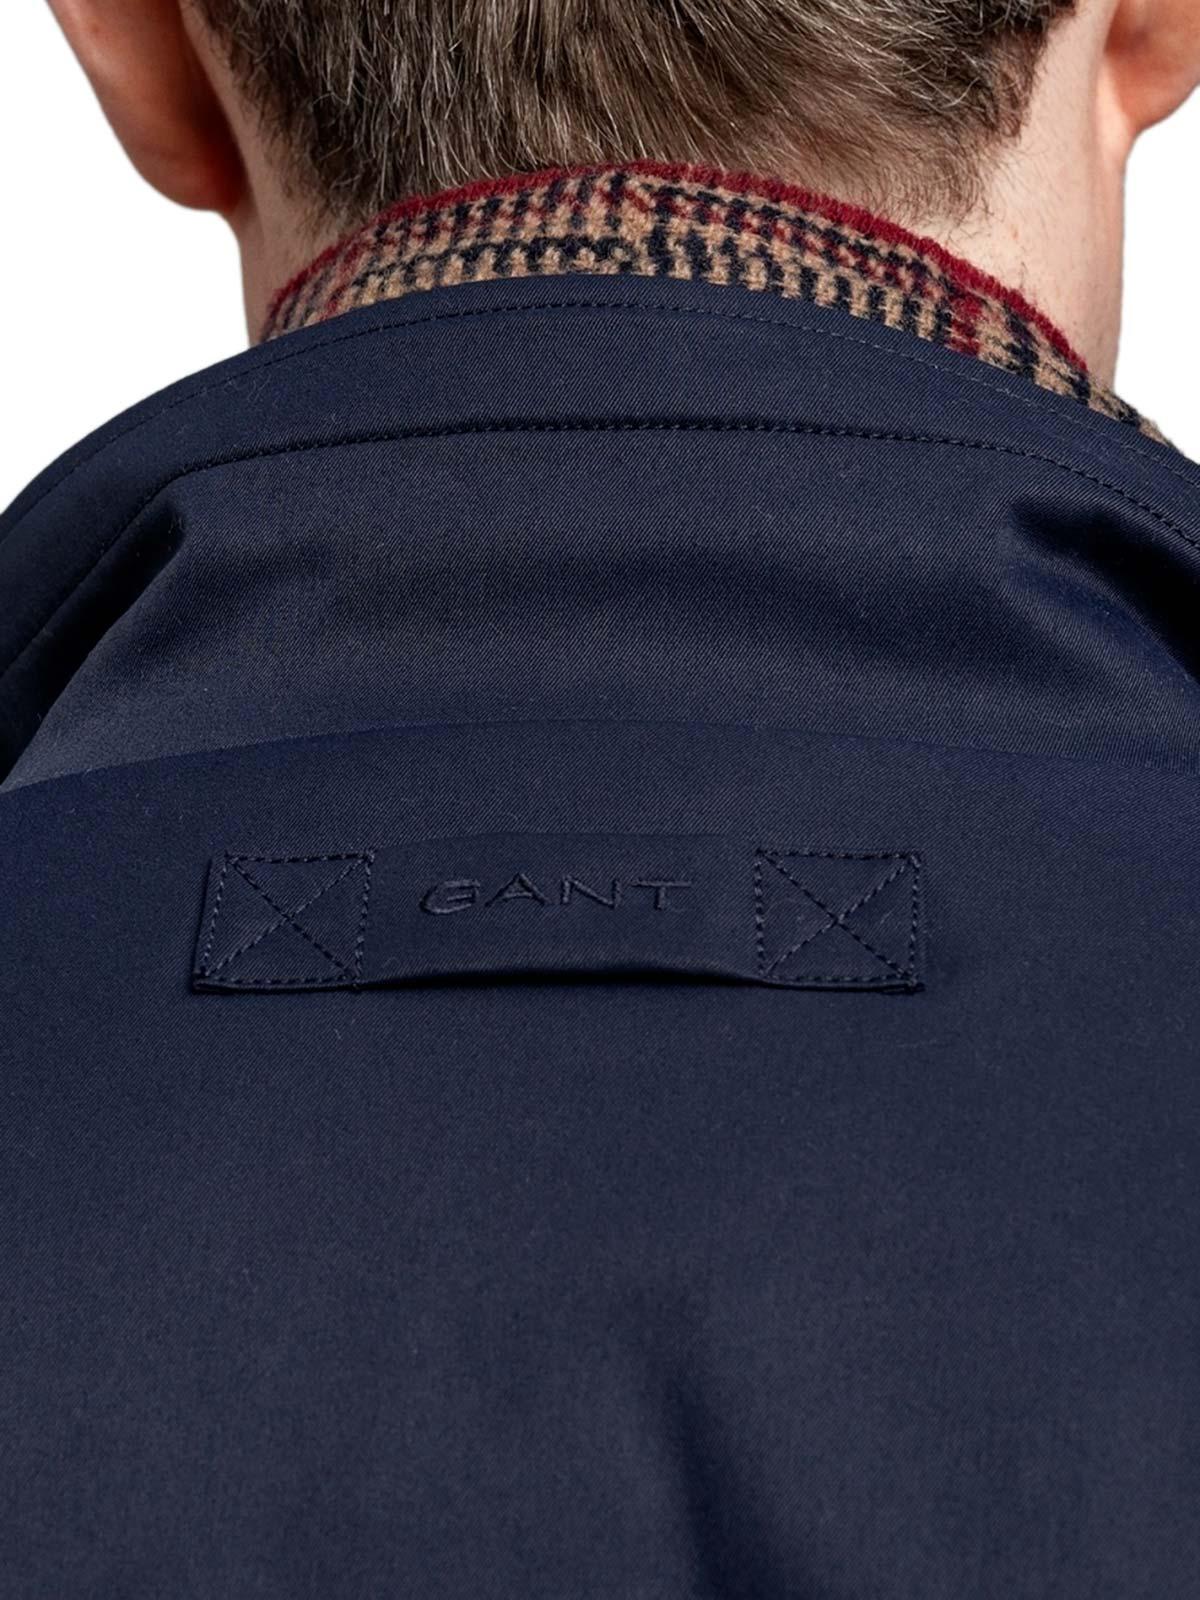 Immagine di Gant | Giubbotti D1. The Hampshire Jacket